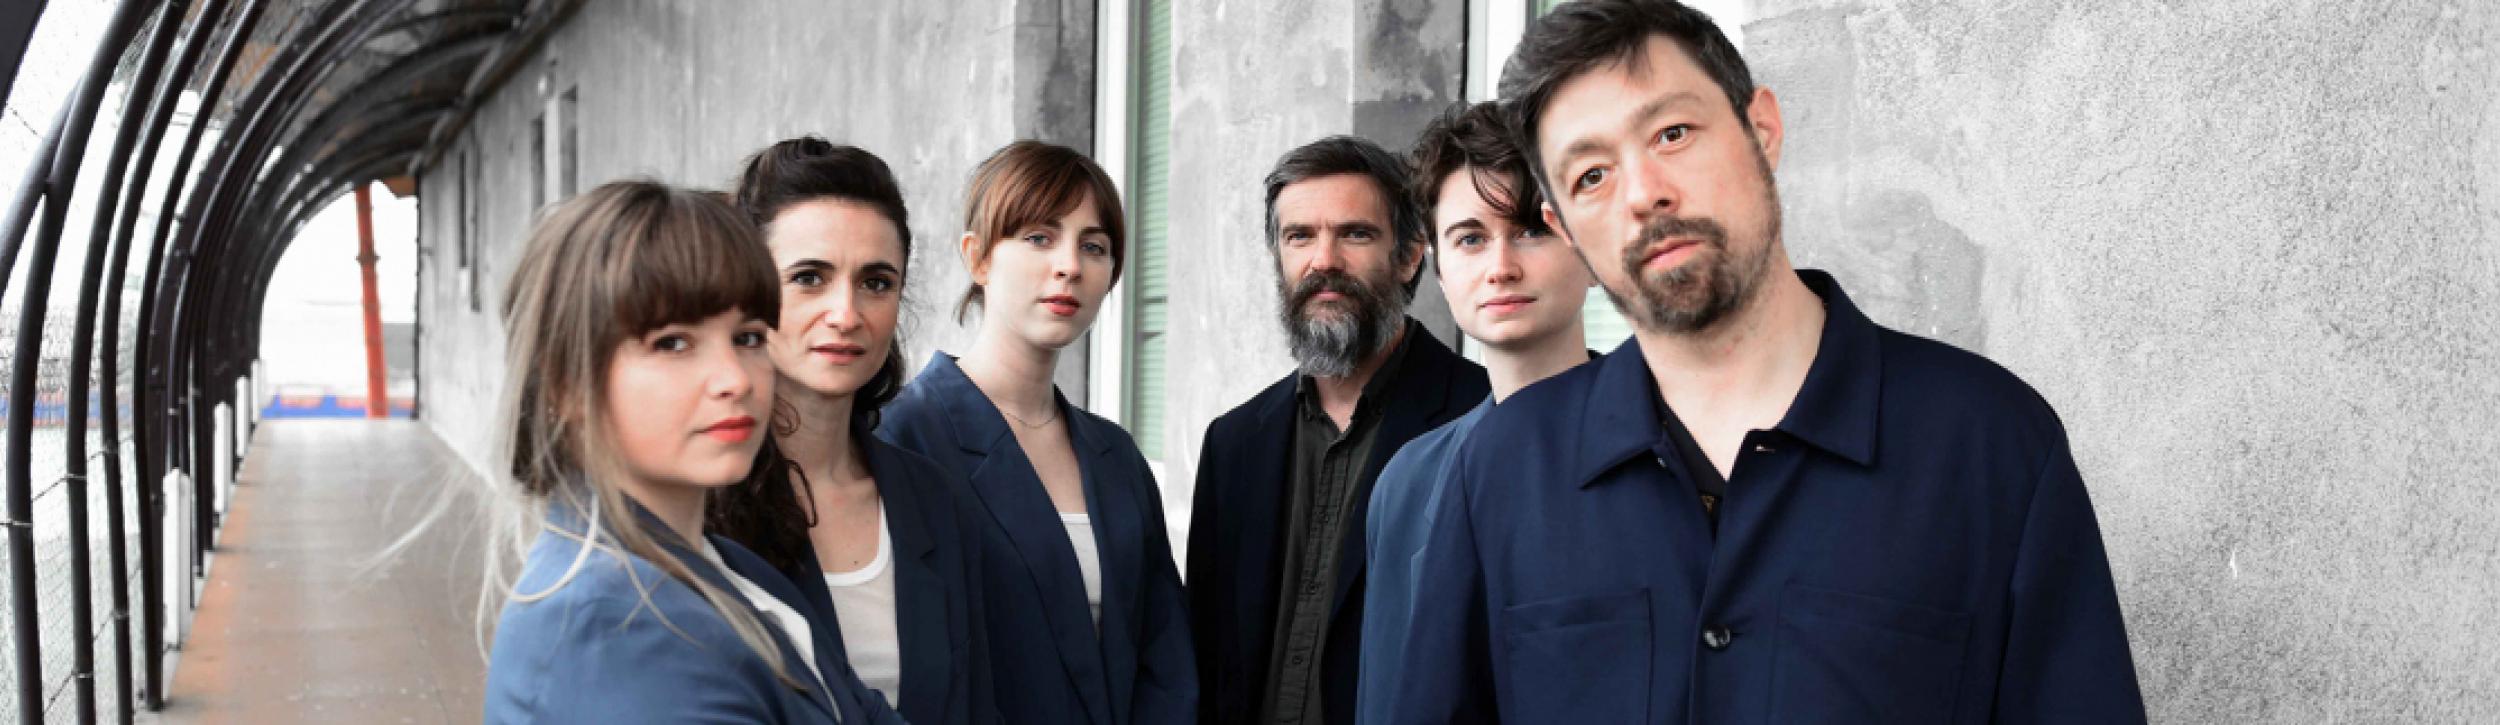 H-Burns & The Stranger Quartet